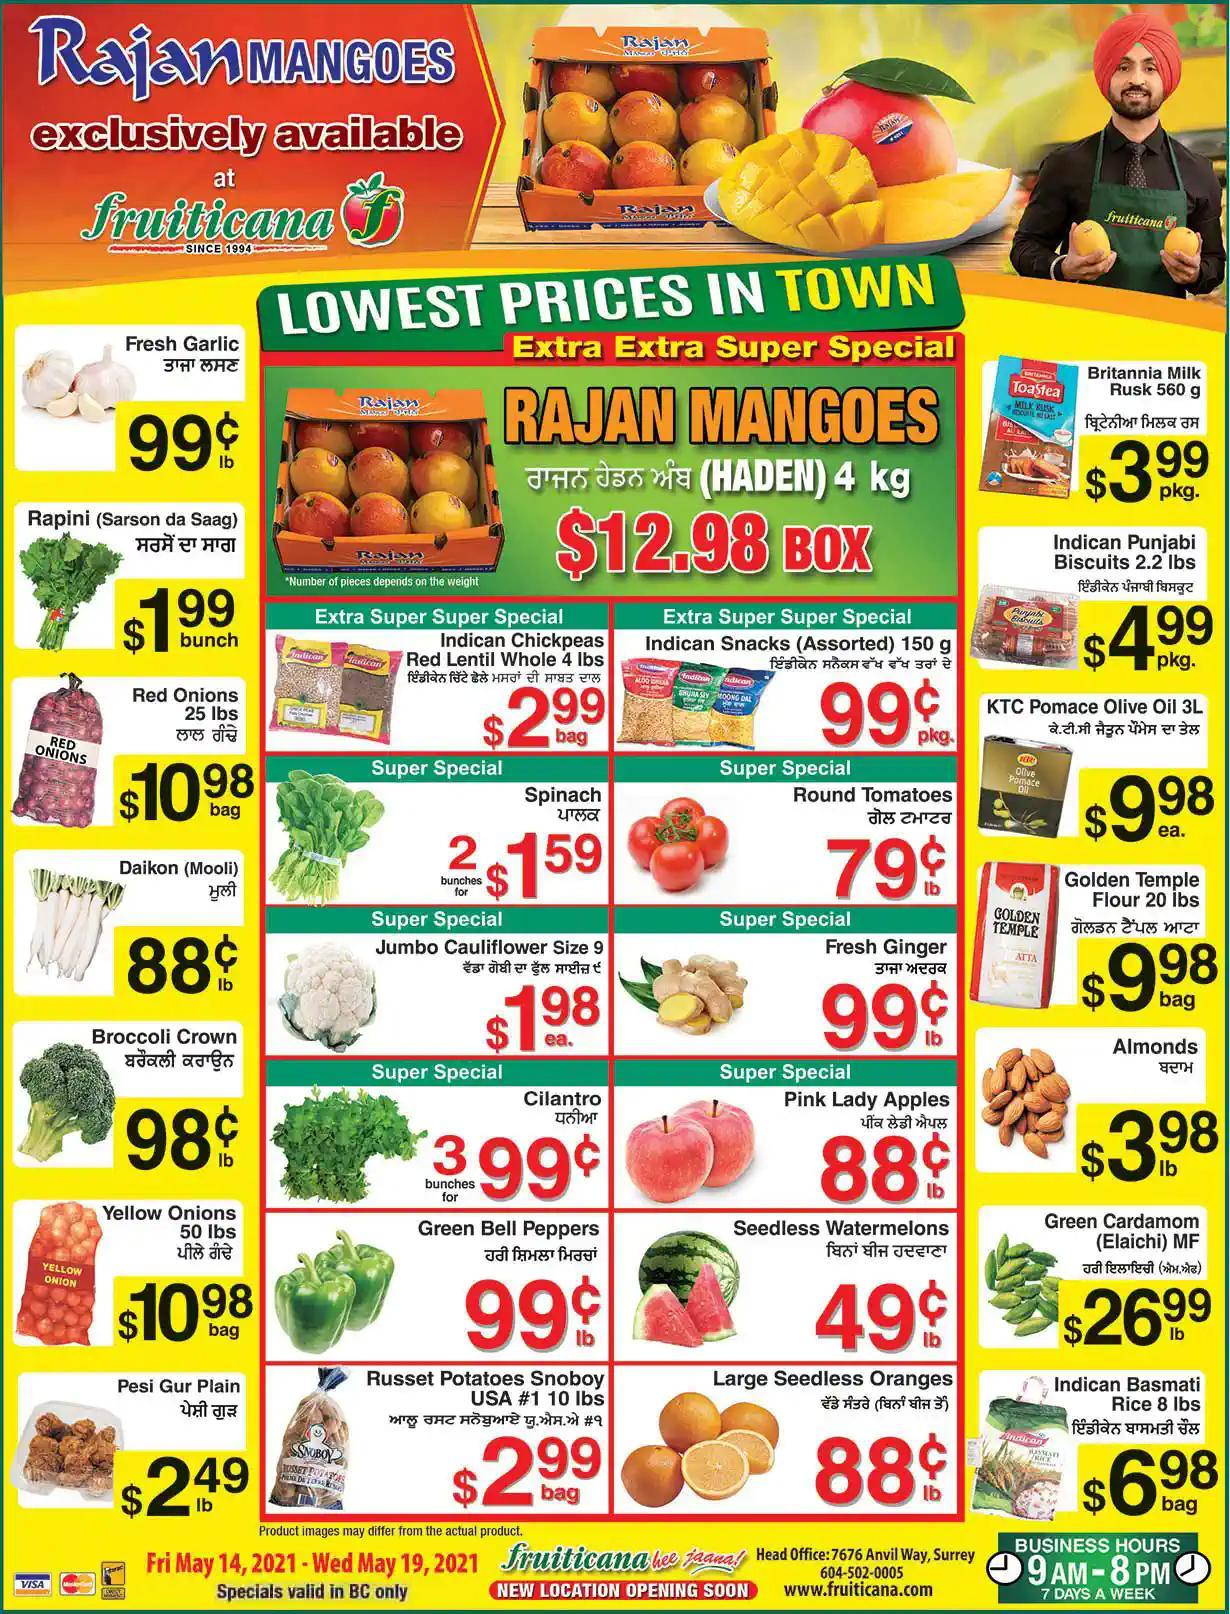 Fruiticana - Weekly Flyer Specials